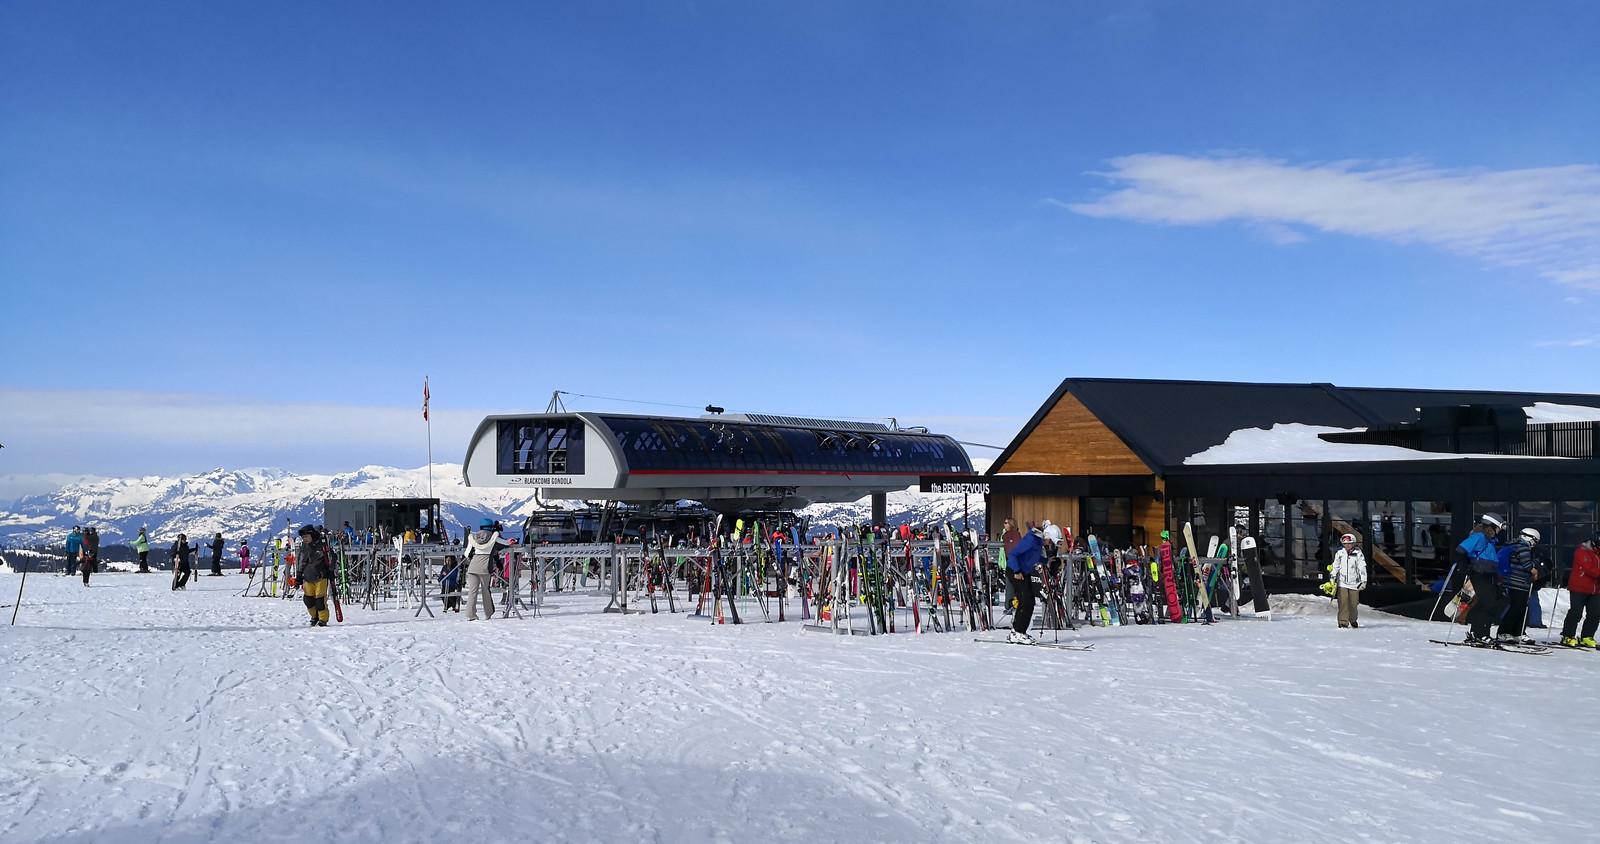 New Rendezvous lodge and Blackcomb Gondola